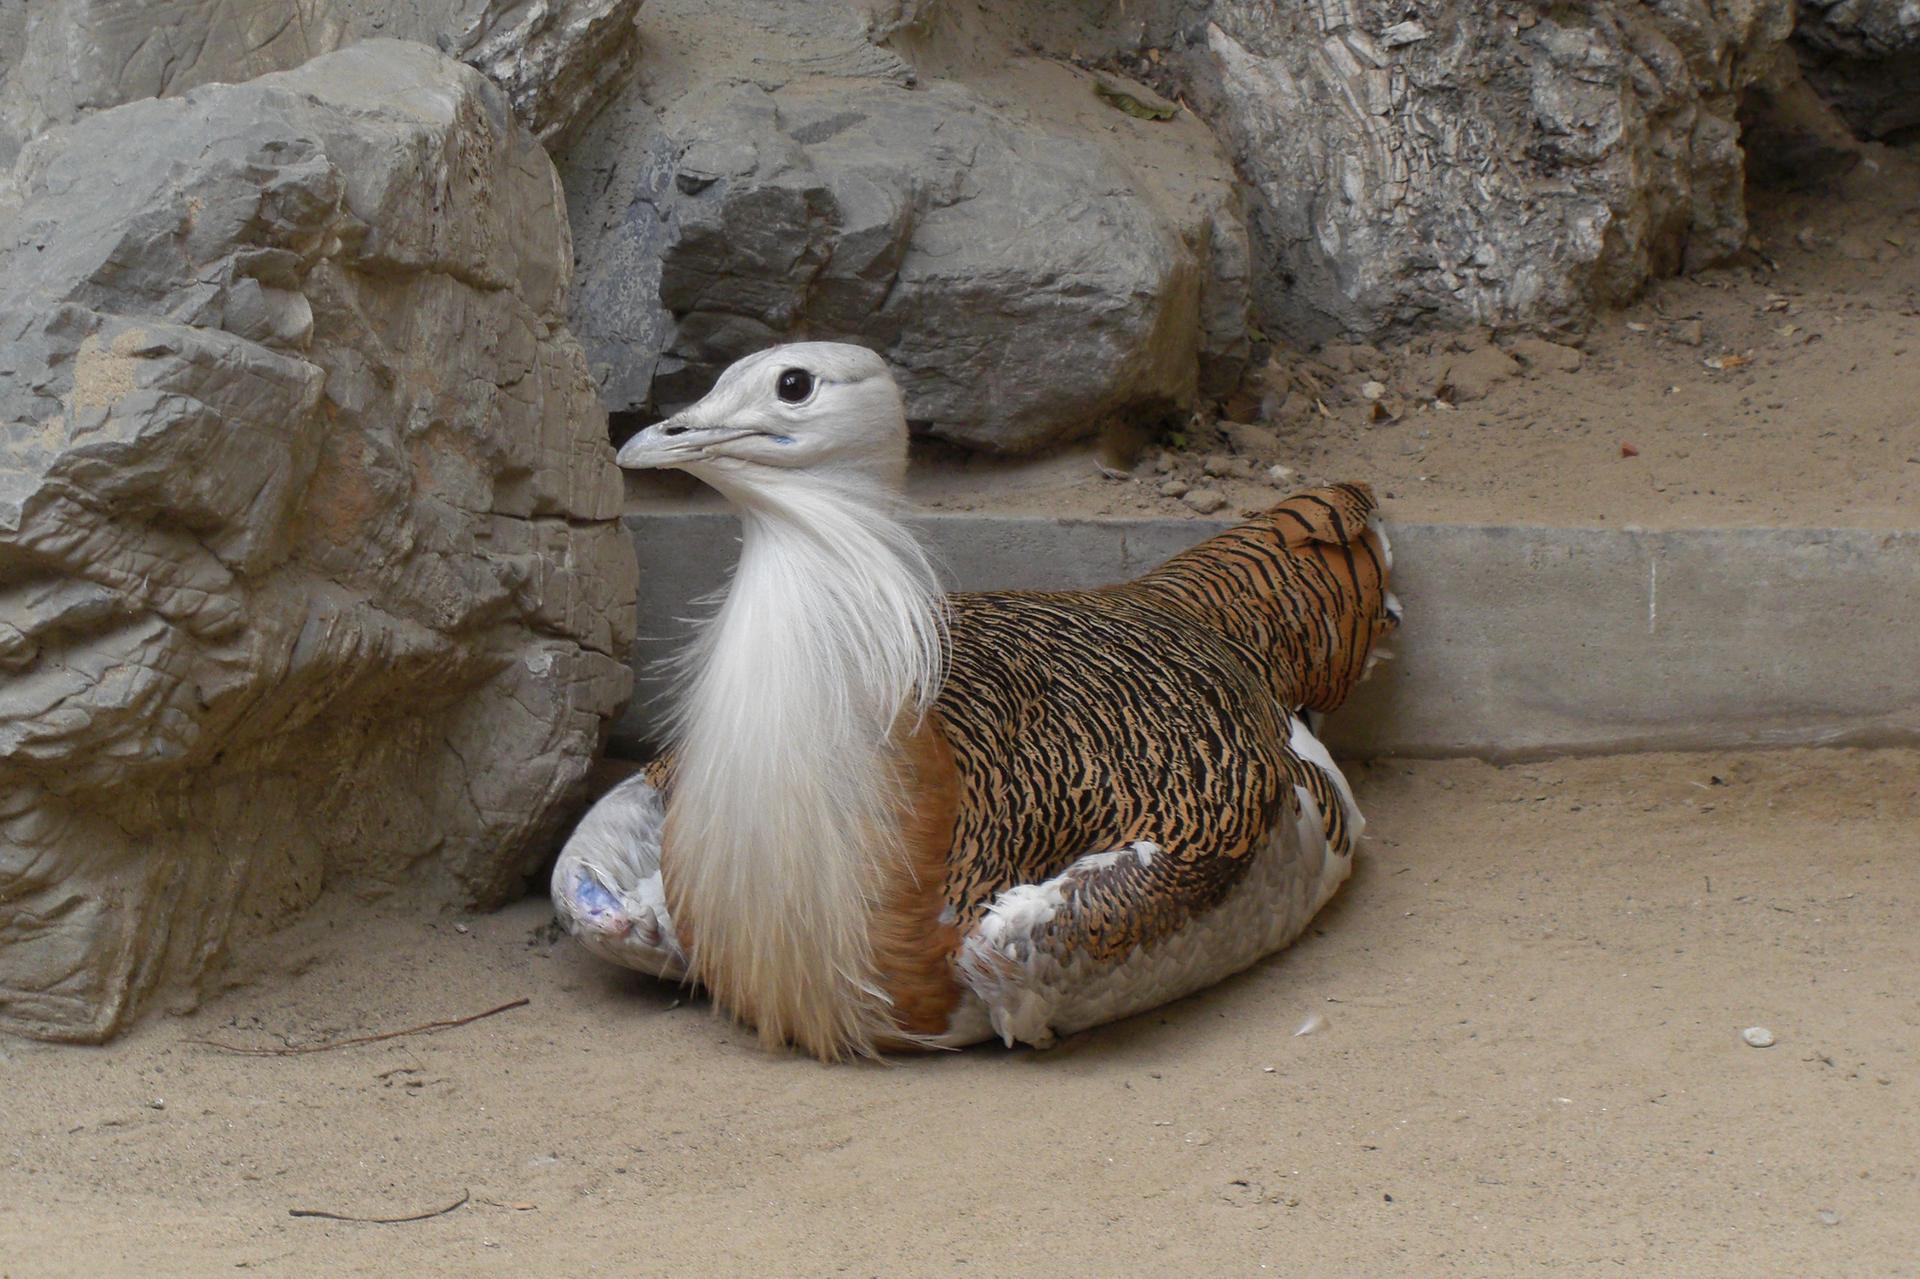 Fotografia przedstawia dużego, siedzącego między skałami ptaka. Ma białą głowę iszyję zdługimi piórami. Tułów iskrzydła brązowe wciemne cętki. To drop zwyczajny.